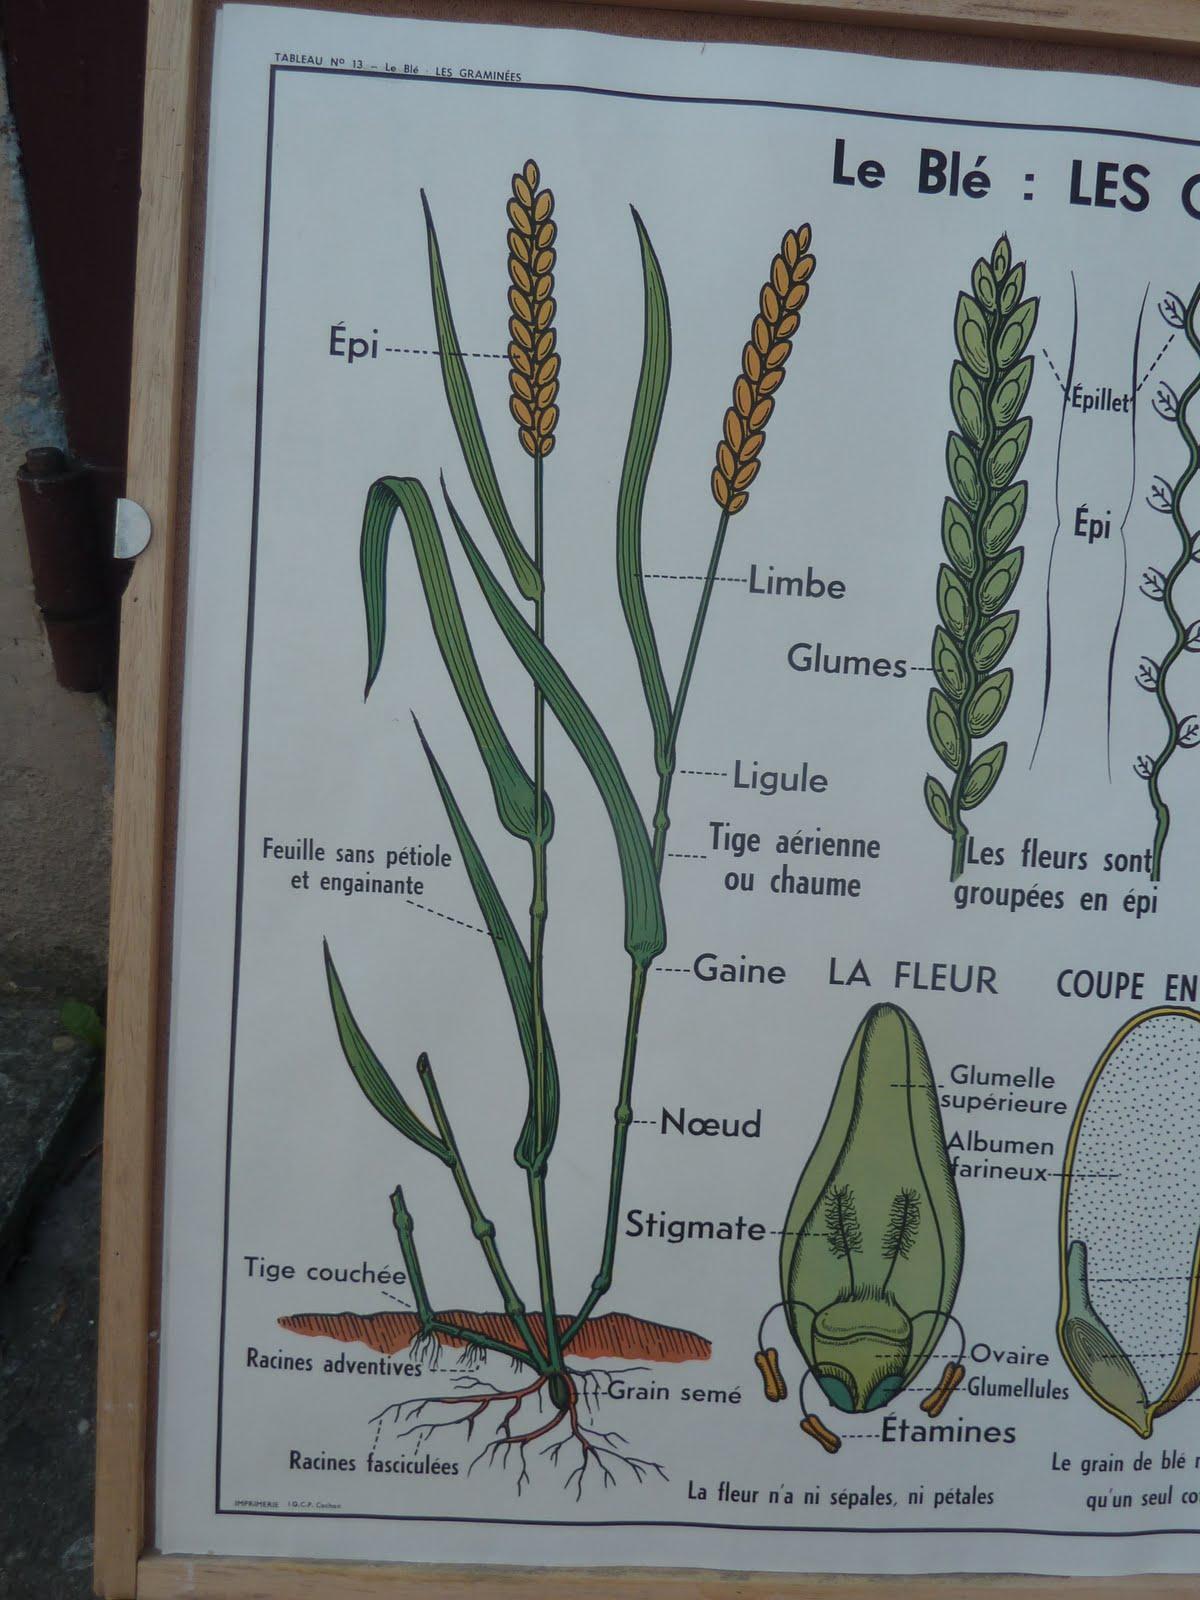 Wheat Botanical Illustration French botanical poster 1960Wheat Botanical Illustration